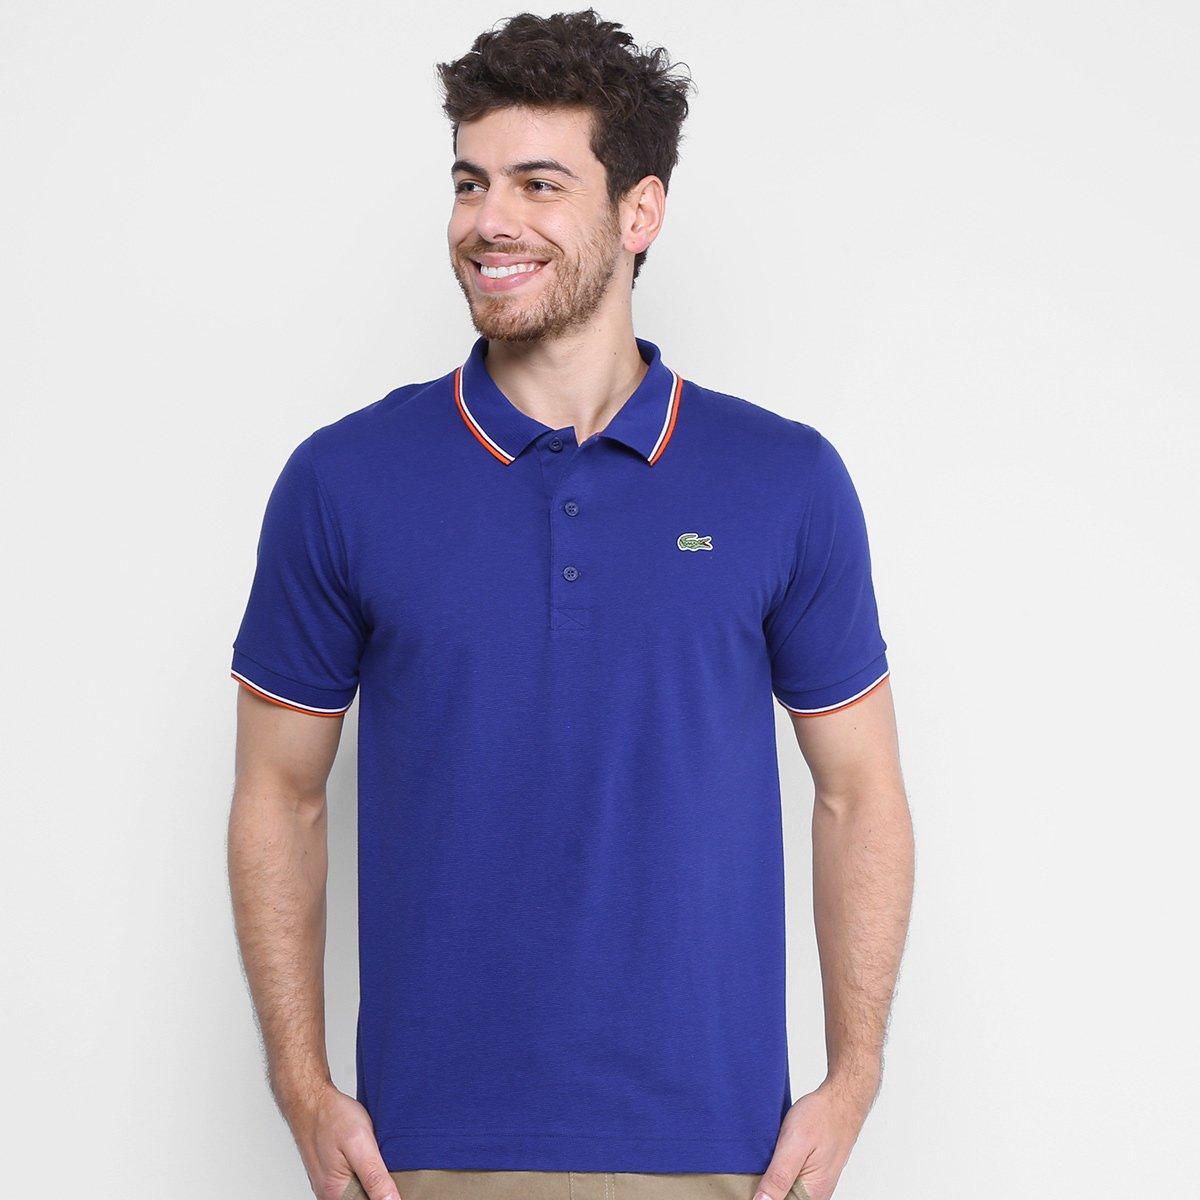 6cfba1e33a Camisa Polo Lacoste Básica - Compre Agora